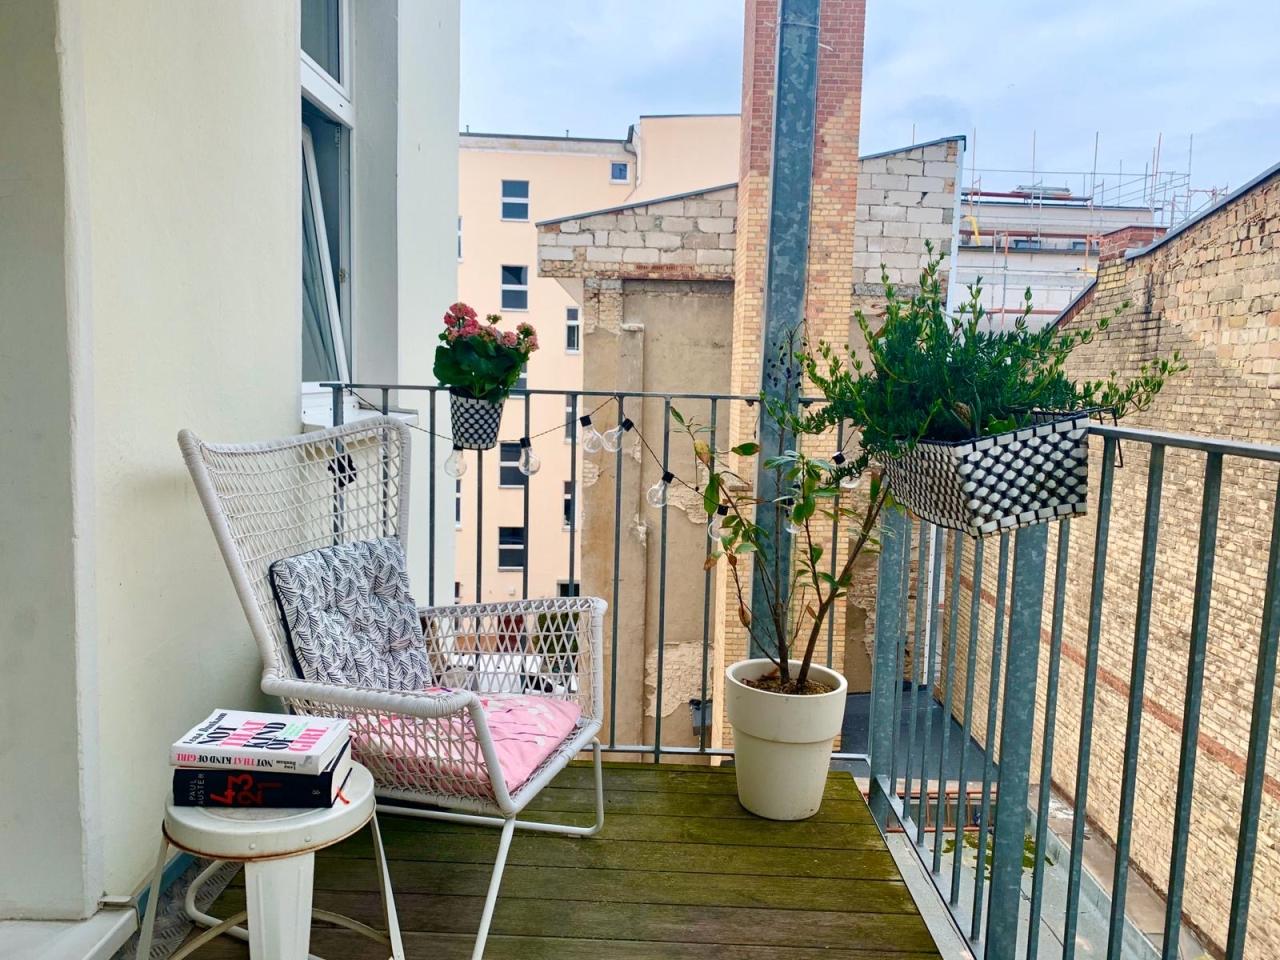 7 Tipps für den Heimaturlaub auf Balkonien | Unplanned